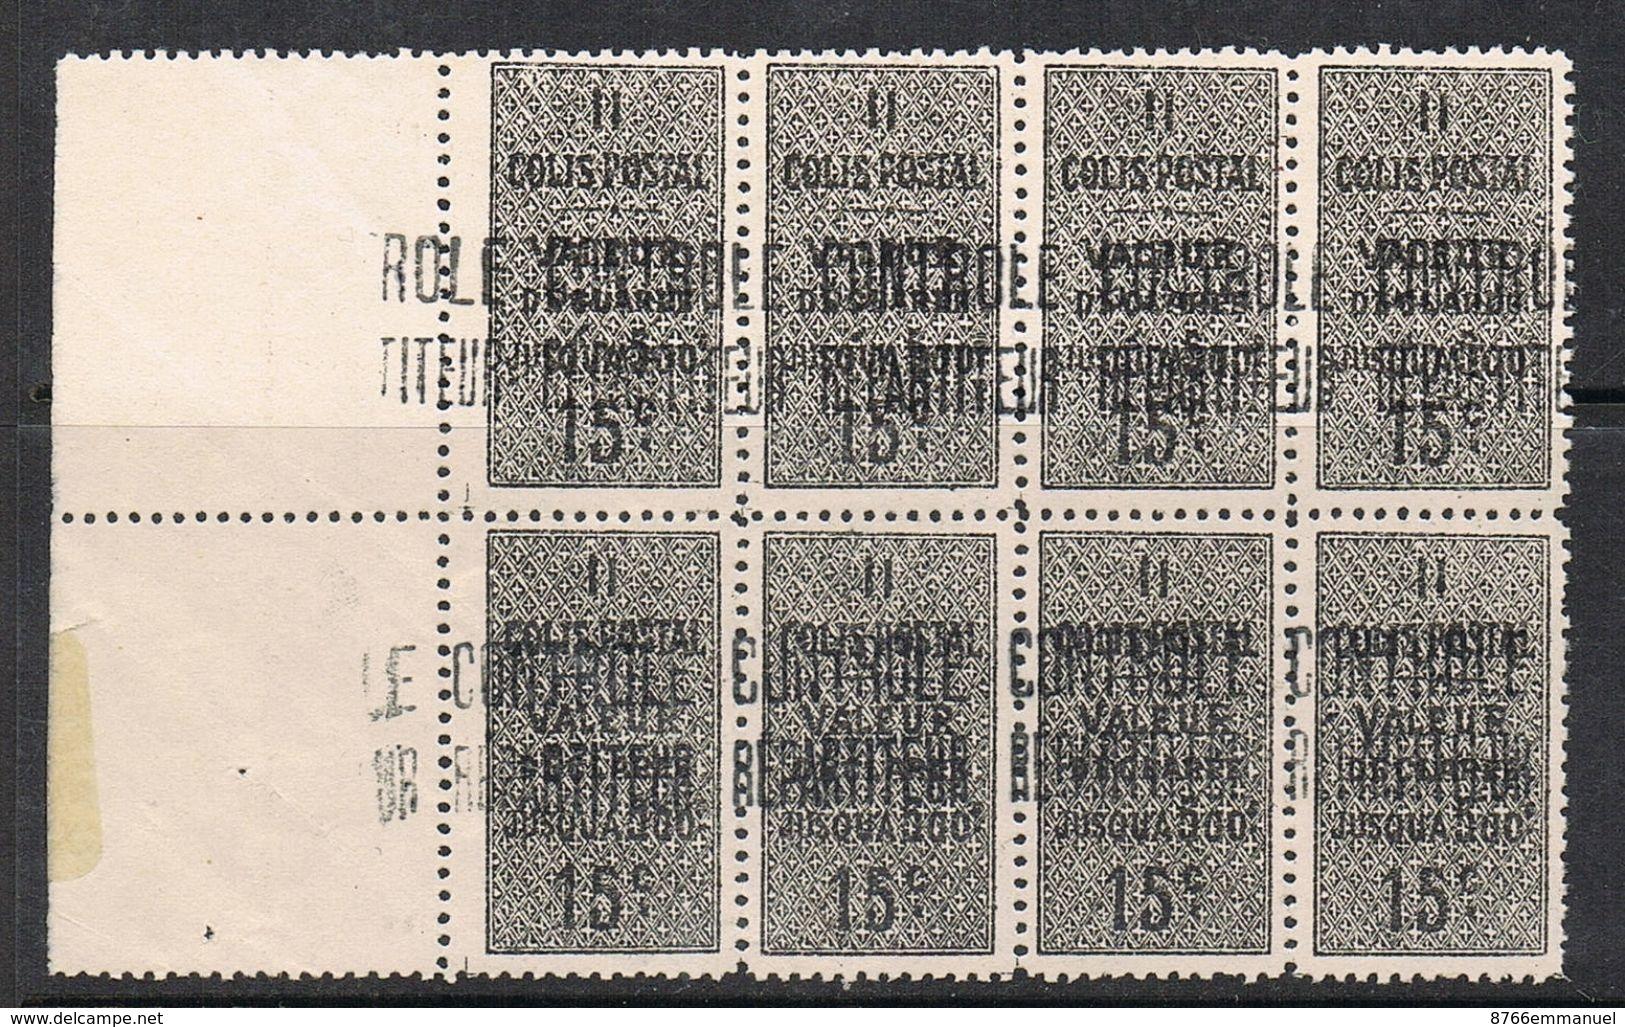 ALGERIE COLIS POSTAL N°8 N**  En Bloc De 8 Timbres - Algérie (1924-1962)